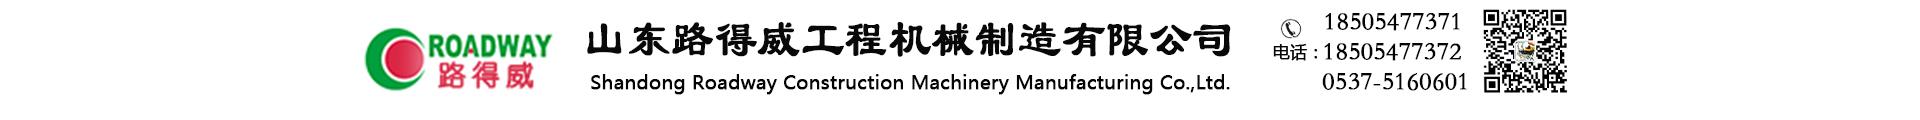 山东路得威工程机械制造有限公司